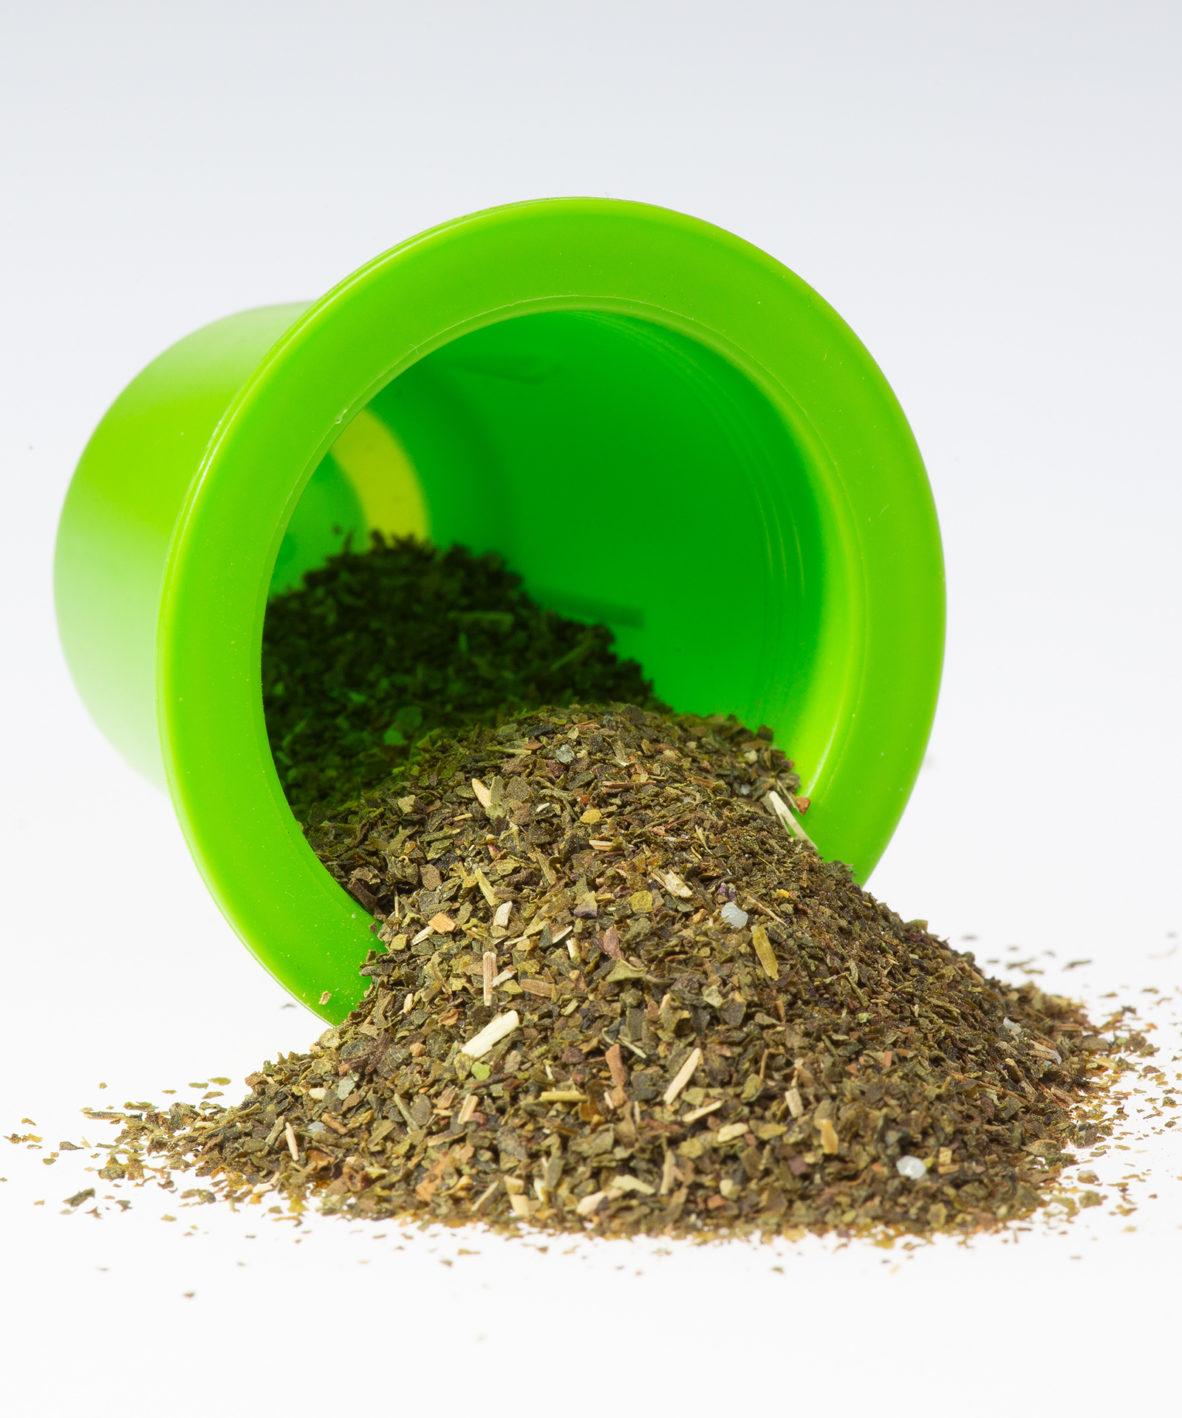 capsule thé vert menthe bio compatible nespresso fabriquée en France biodégradable